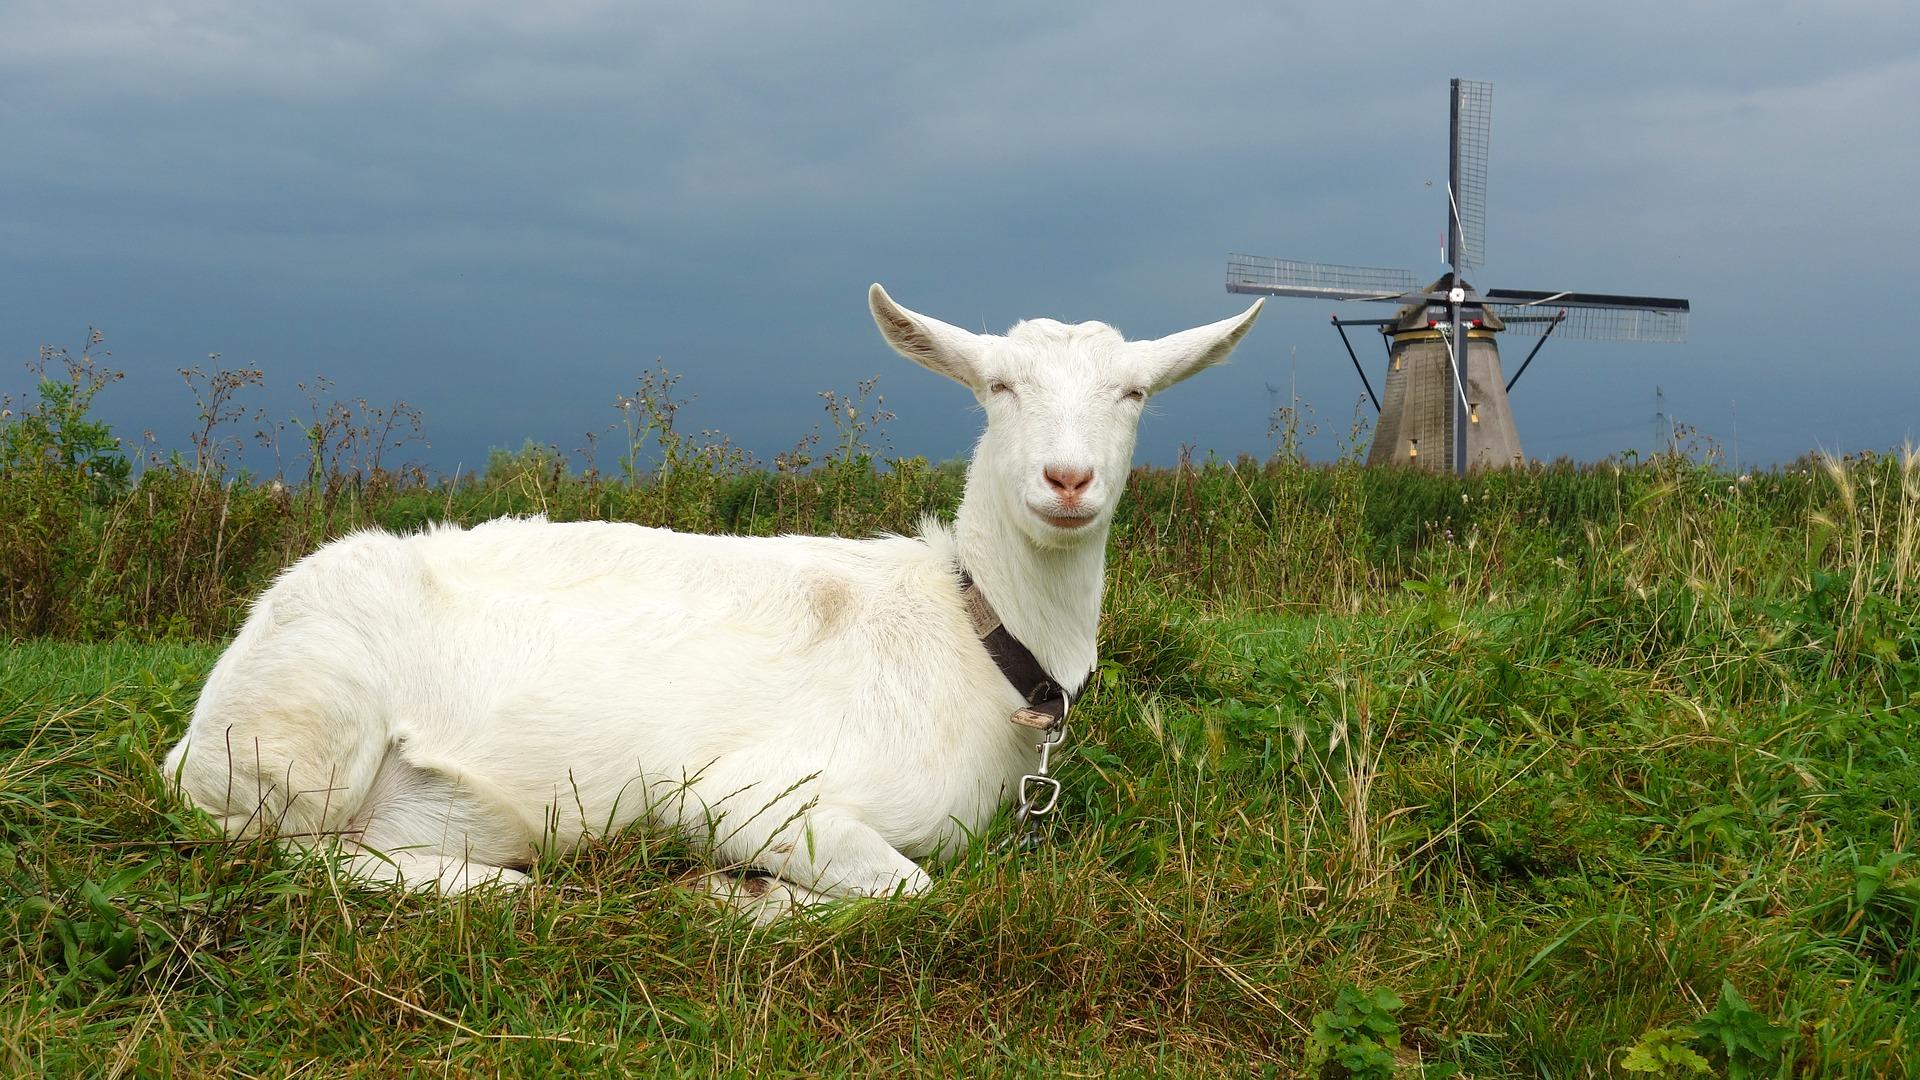 goat-2752693_1920.jpg